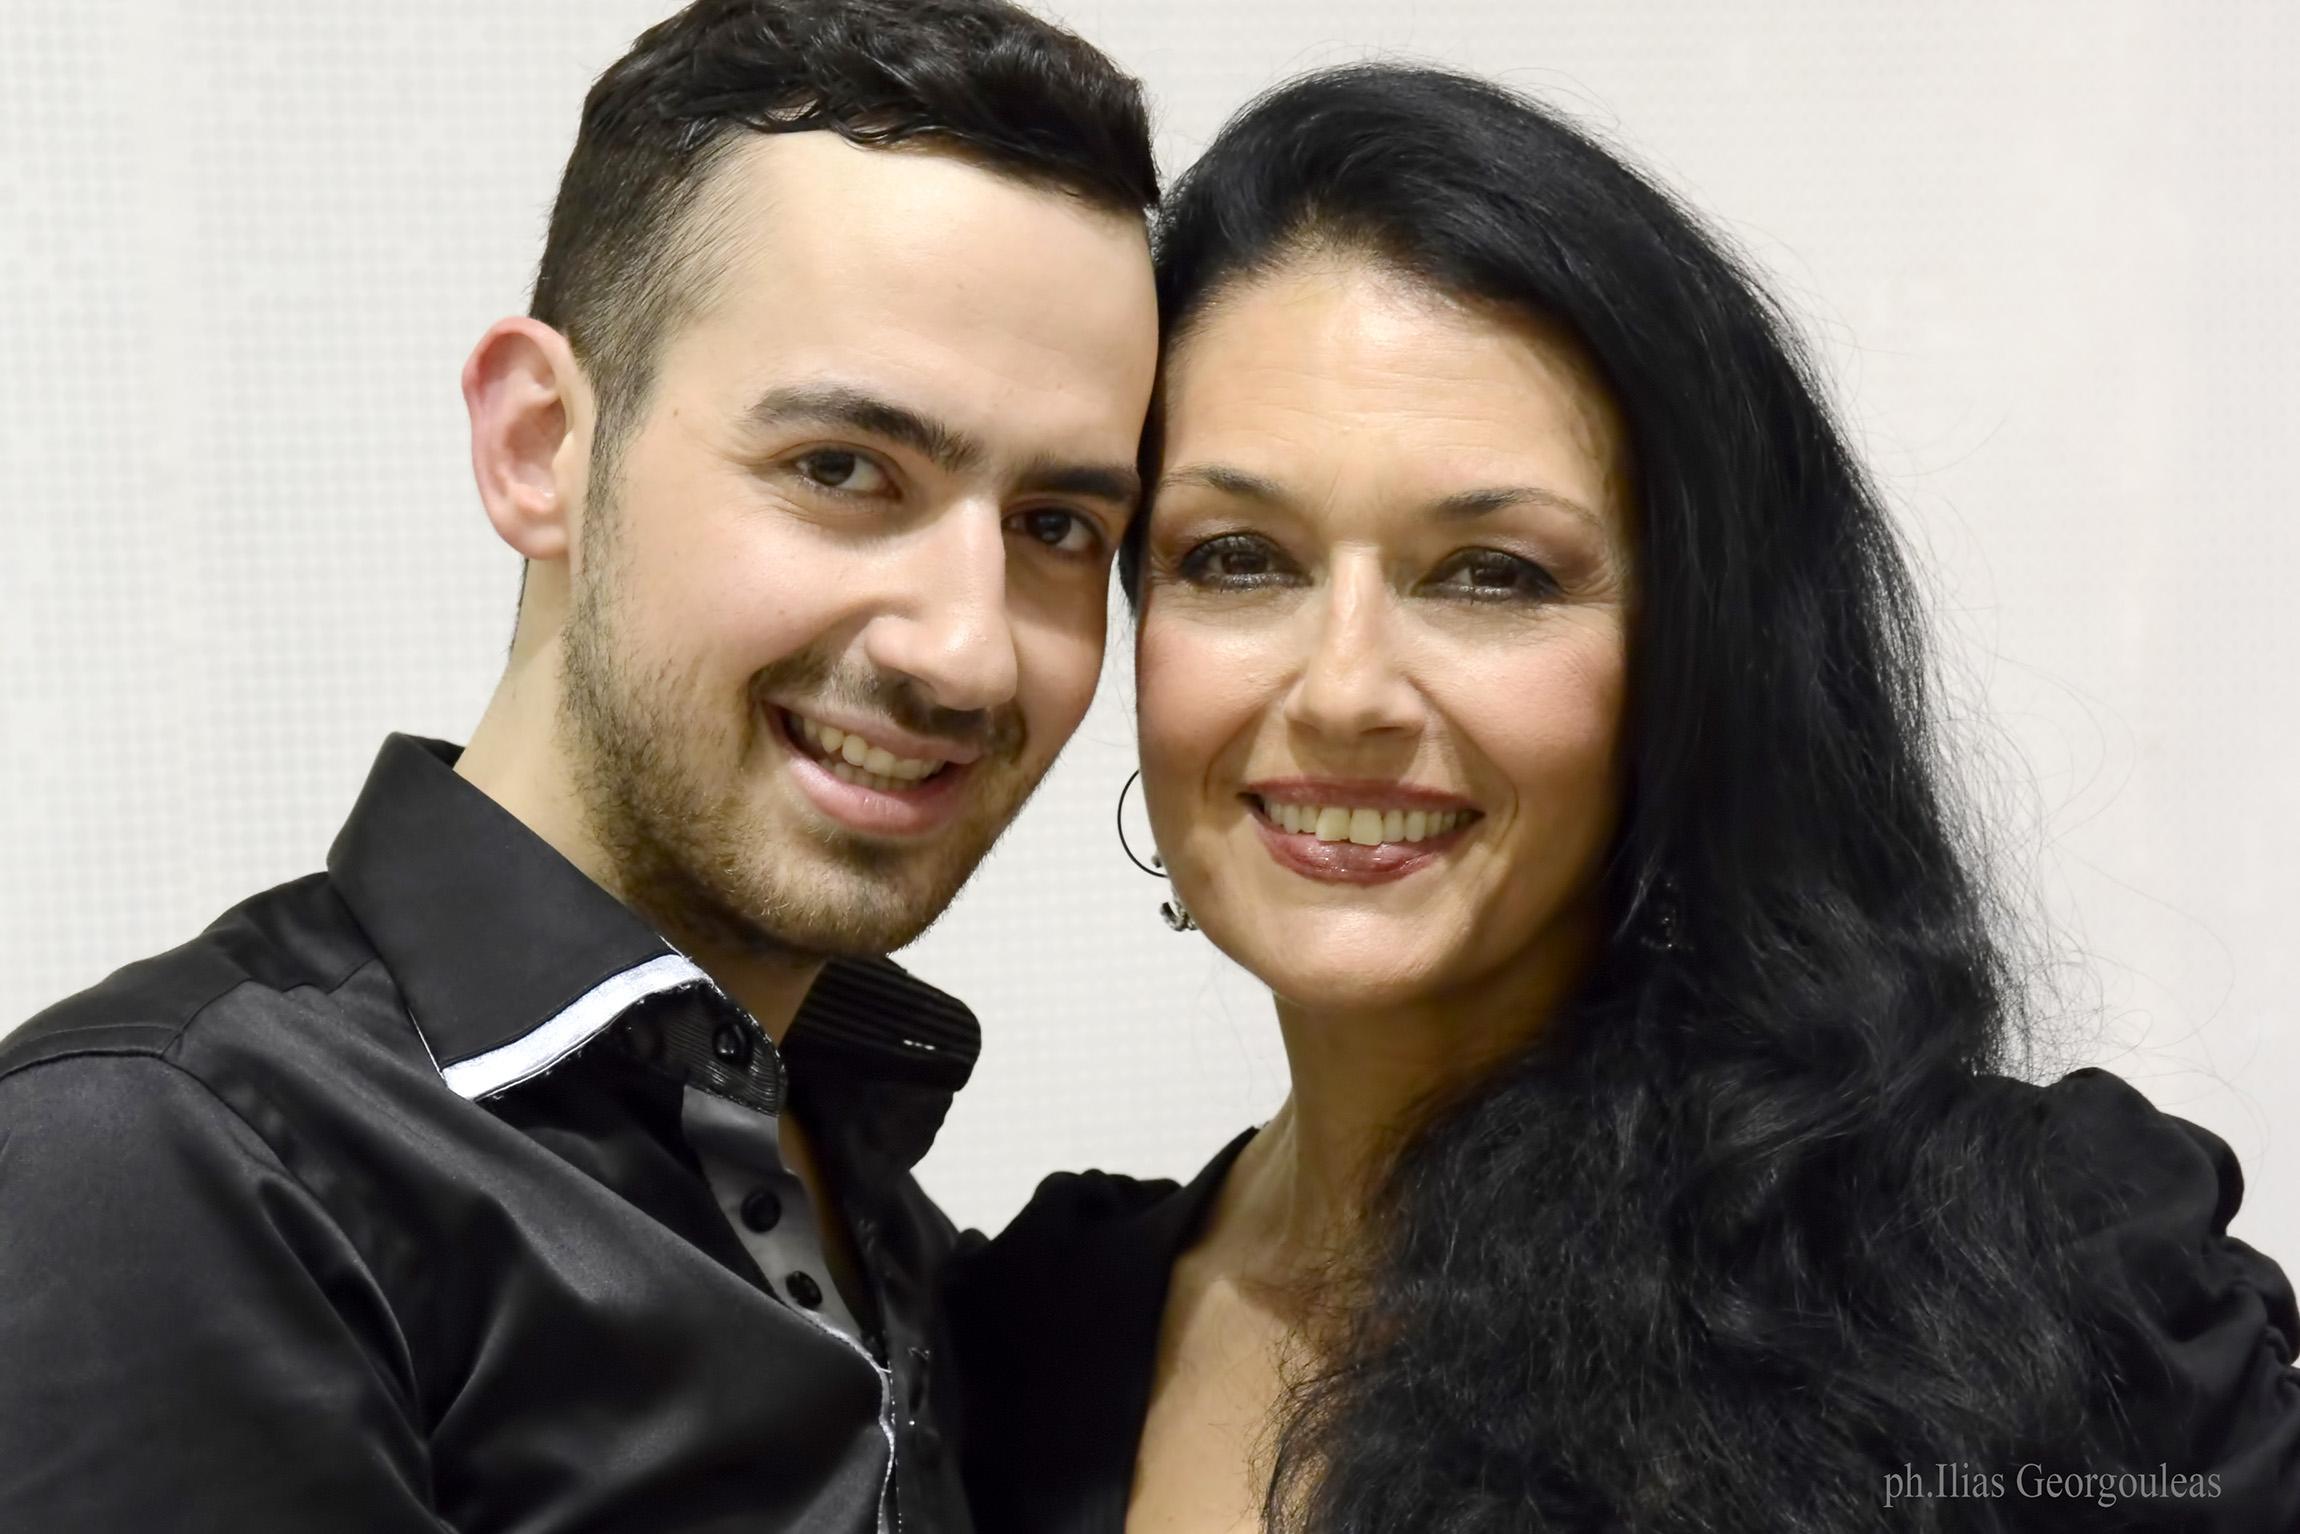 Ριάνα dating τώρα 2013 χριστιανικά αποσπάσματα για dating